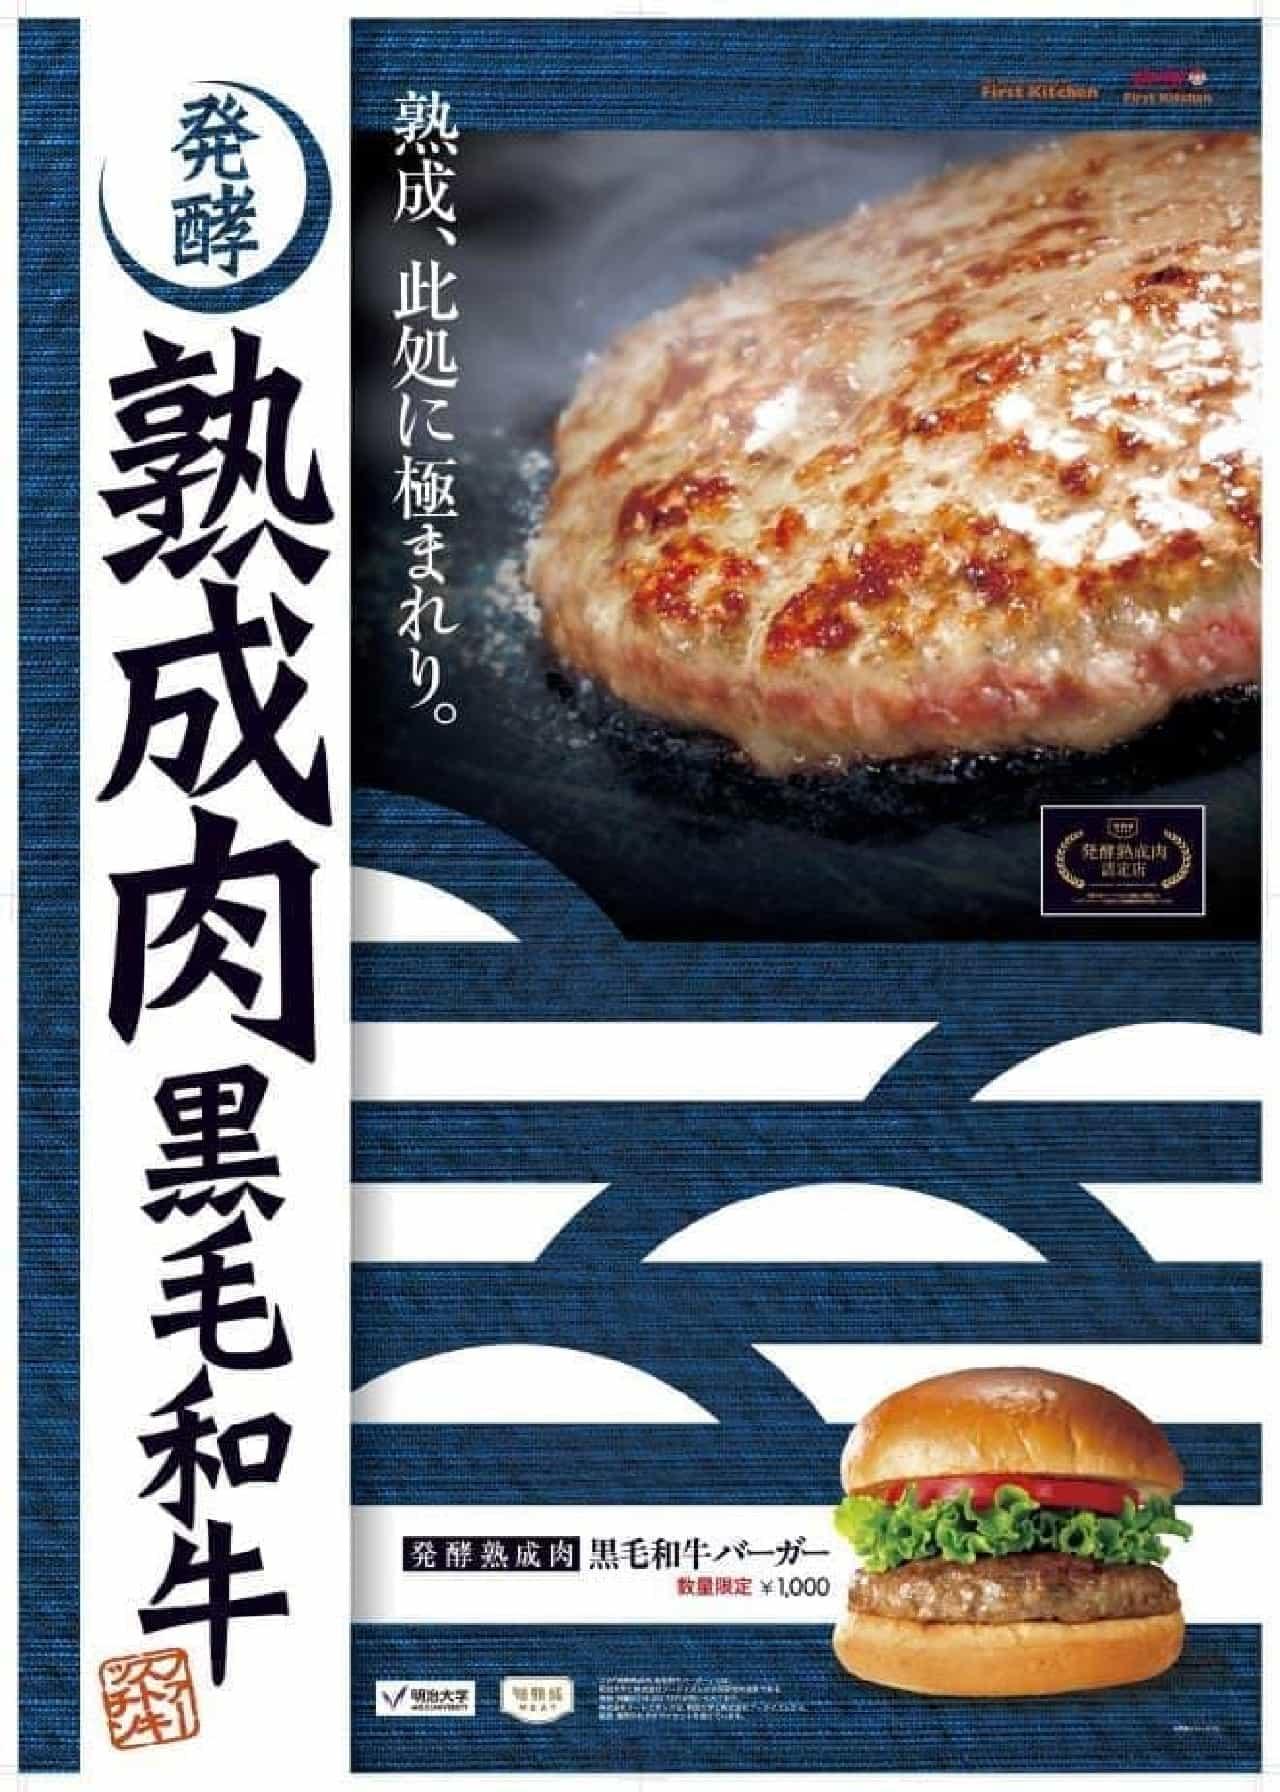 発酵熟成肉 黒毛和牛バーガーシリーズ発売